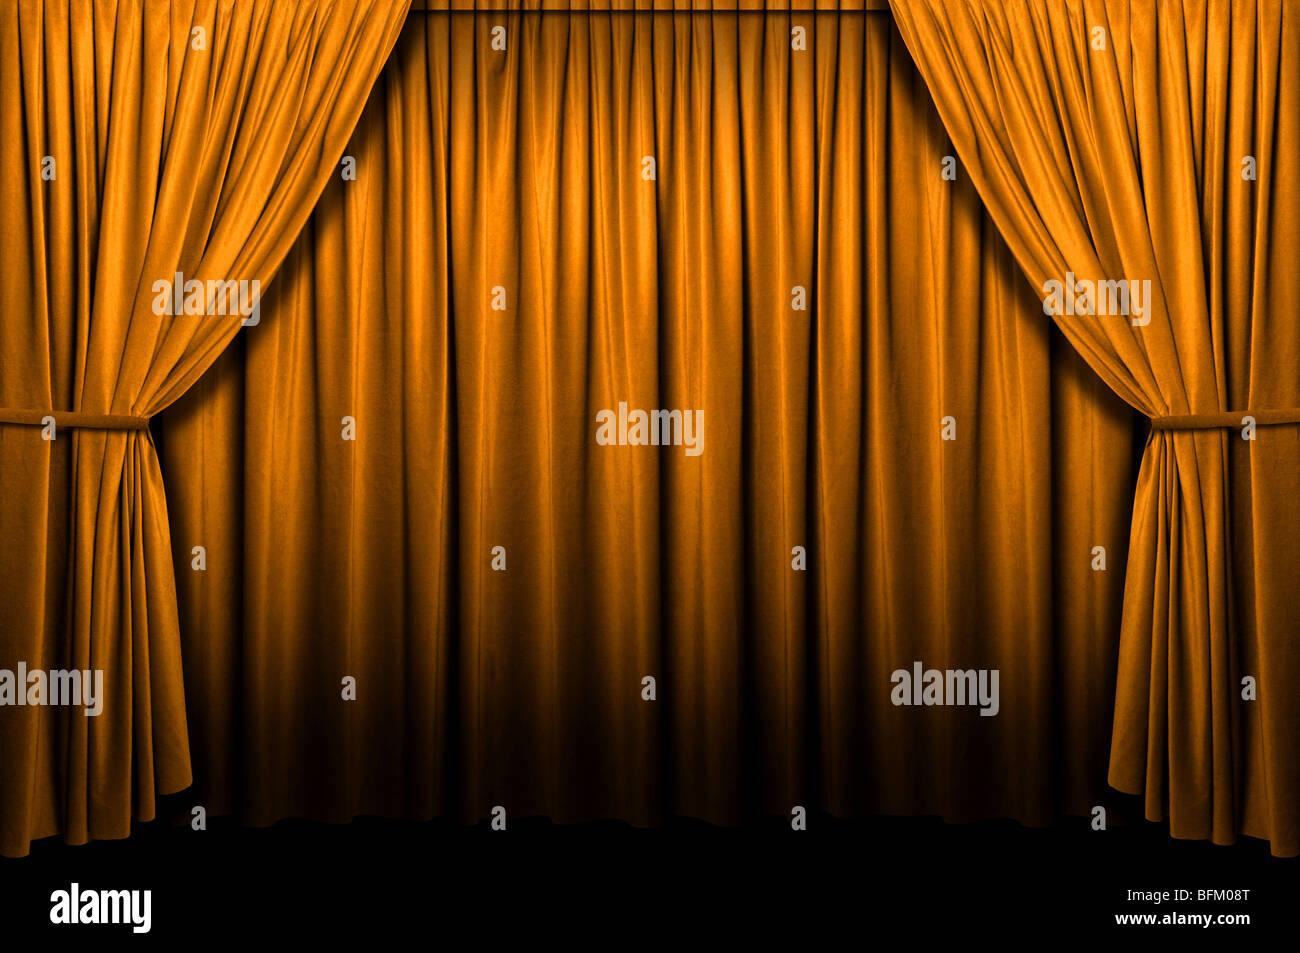 Oro sipario di un palcoscenico con luci e ombre Immagini Stock